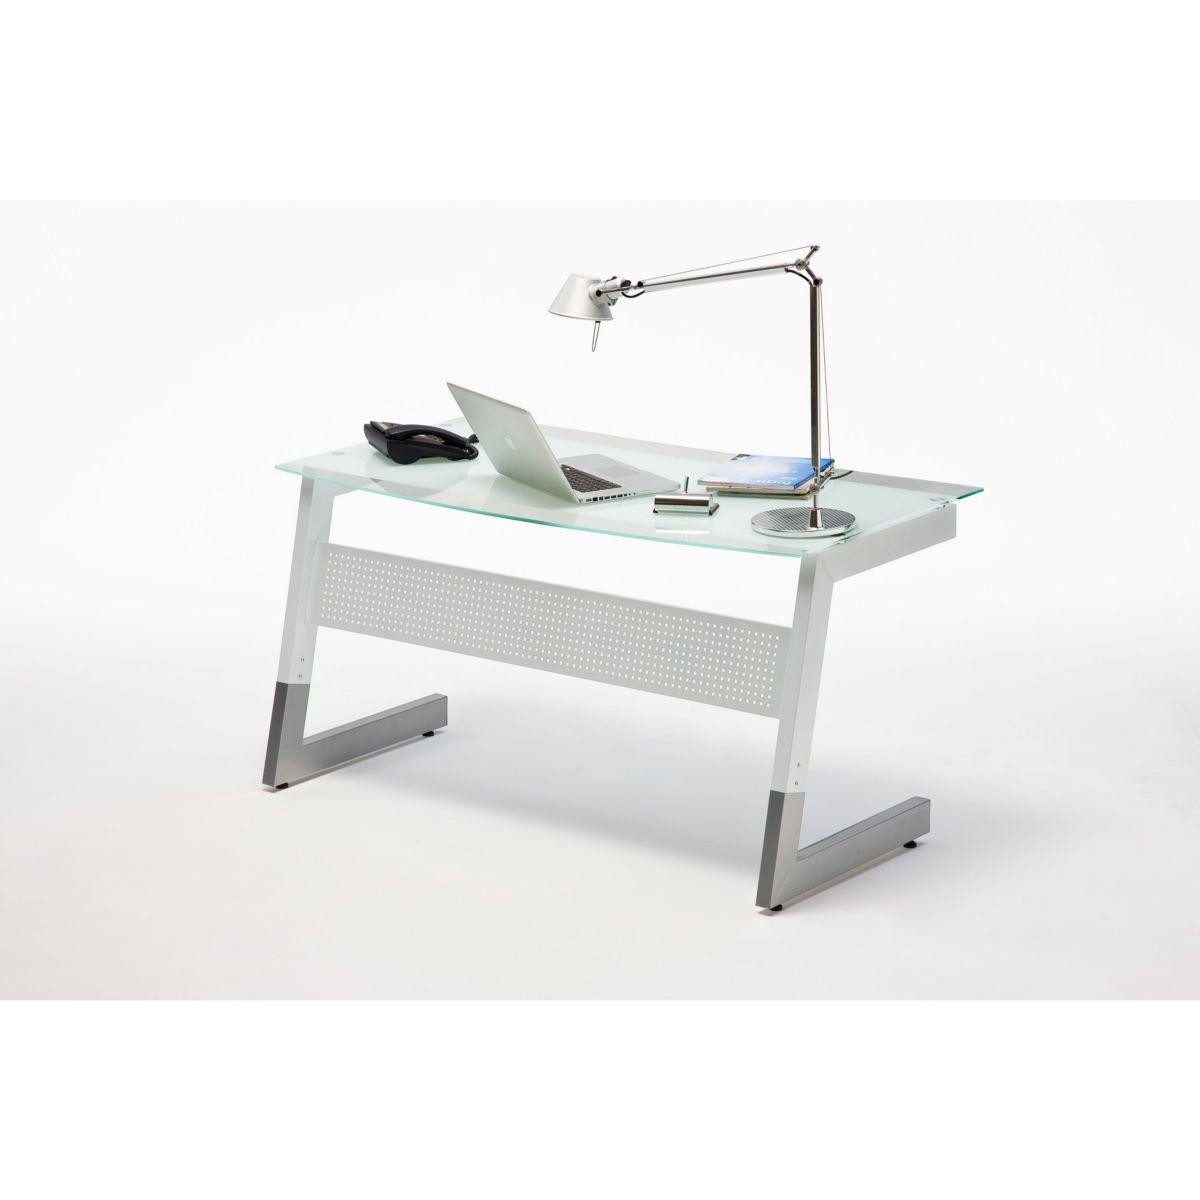 Glas Schreibtisch 2 farbig weiss / silber jetztbilligerkaufen